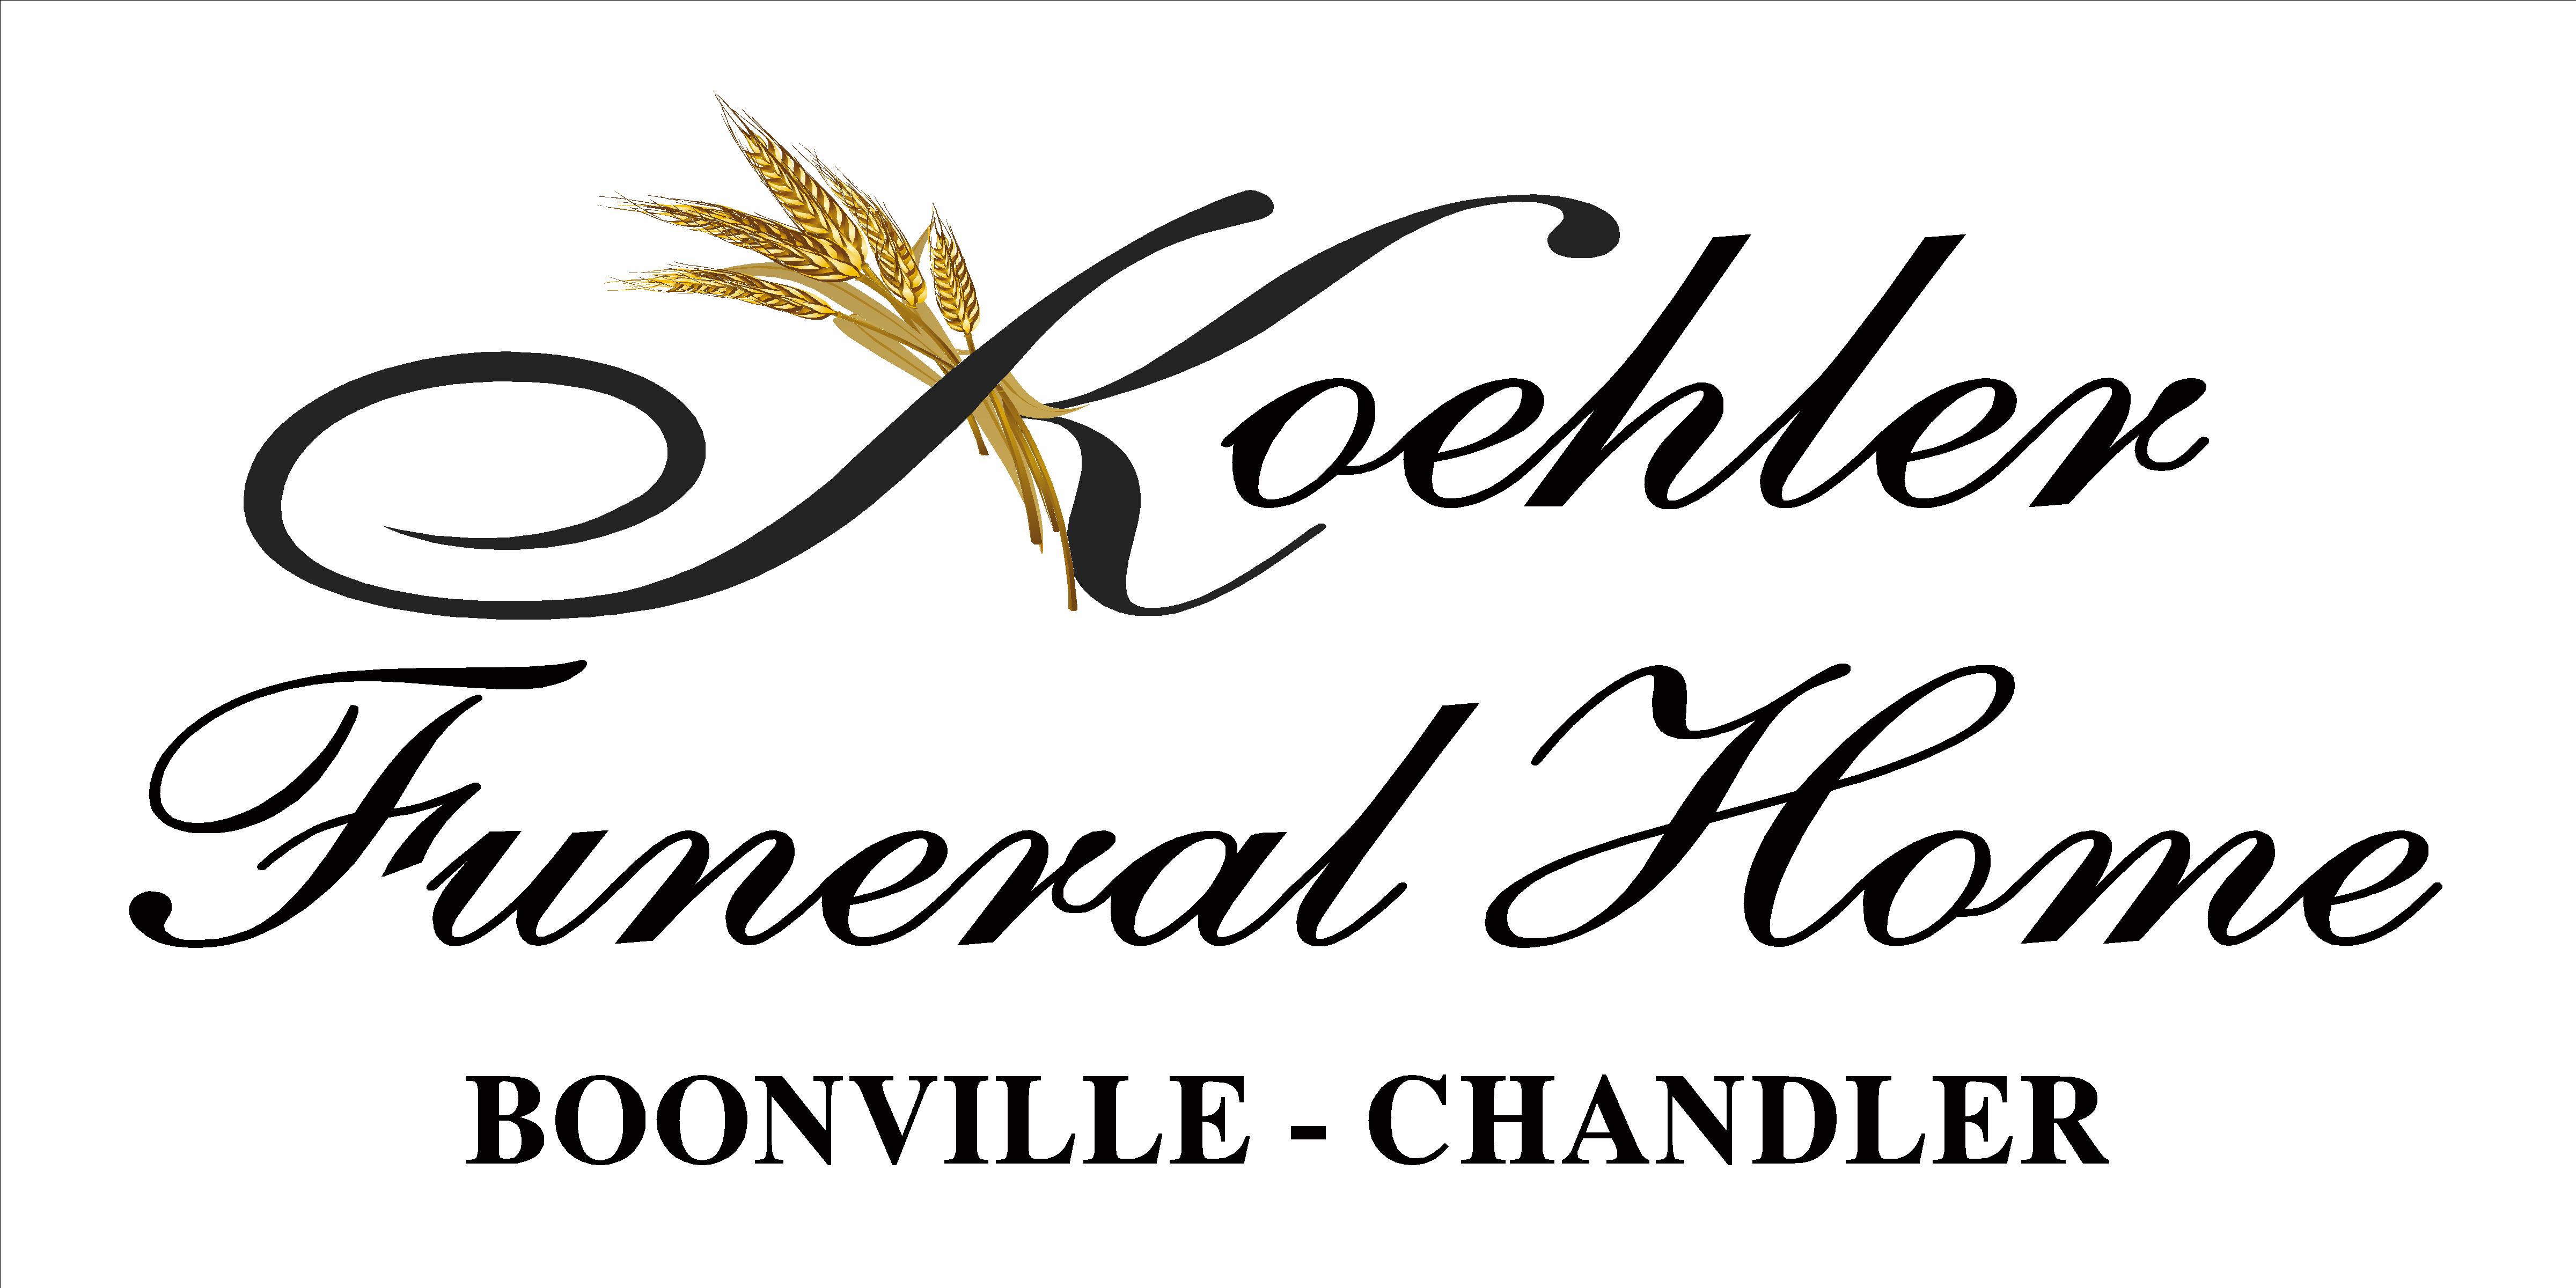 Koehlers-Funeral-Home